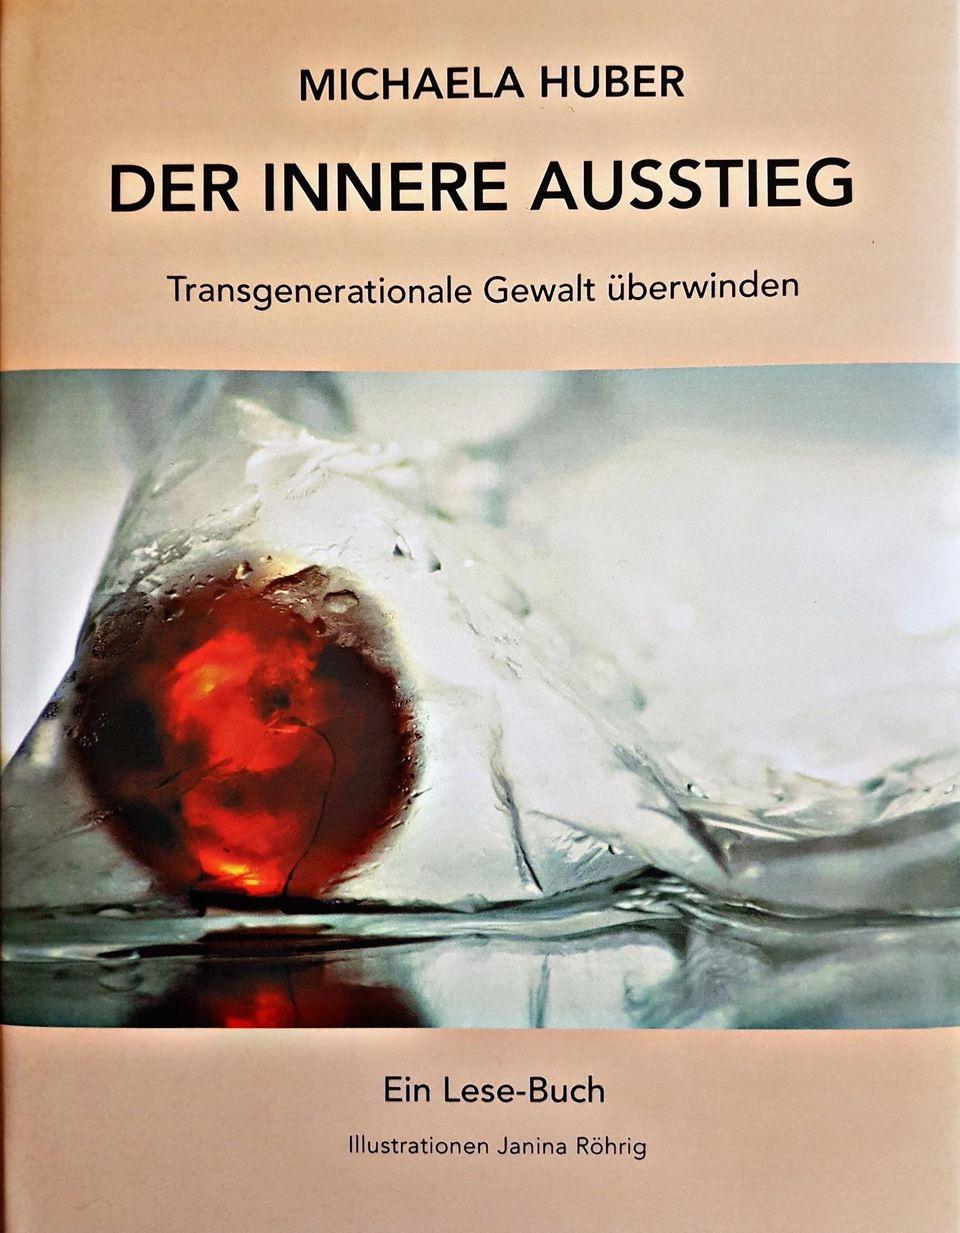 """""""Der innere Ausstieg"""" von Michaela Huber"""